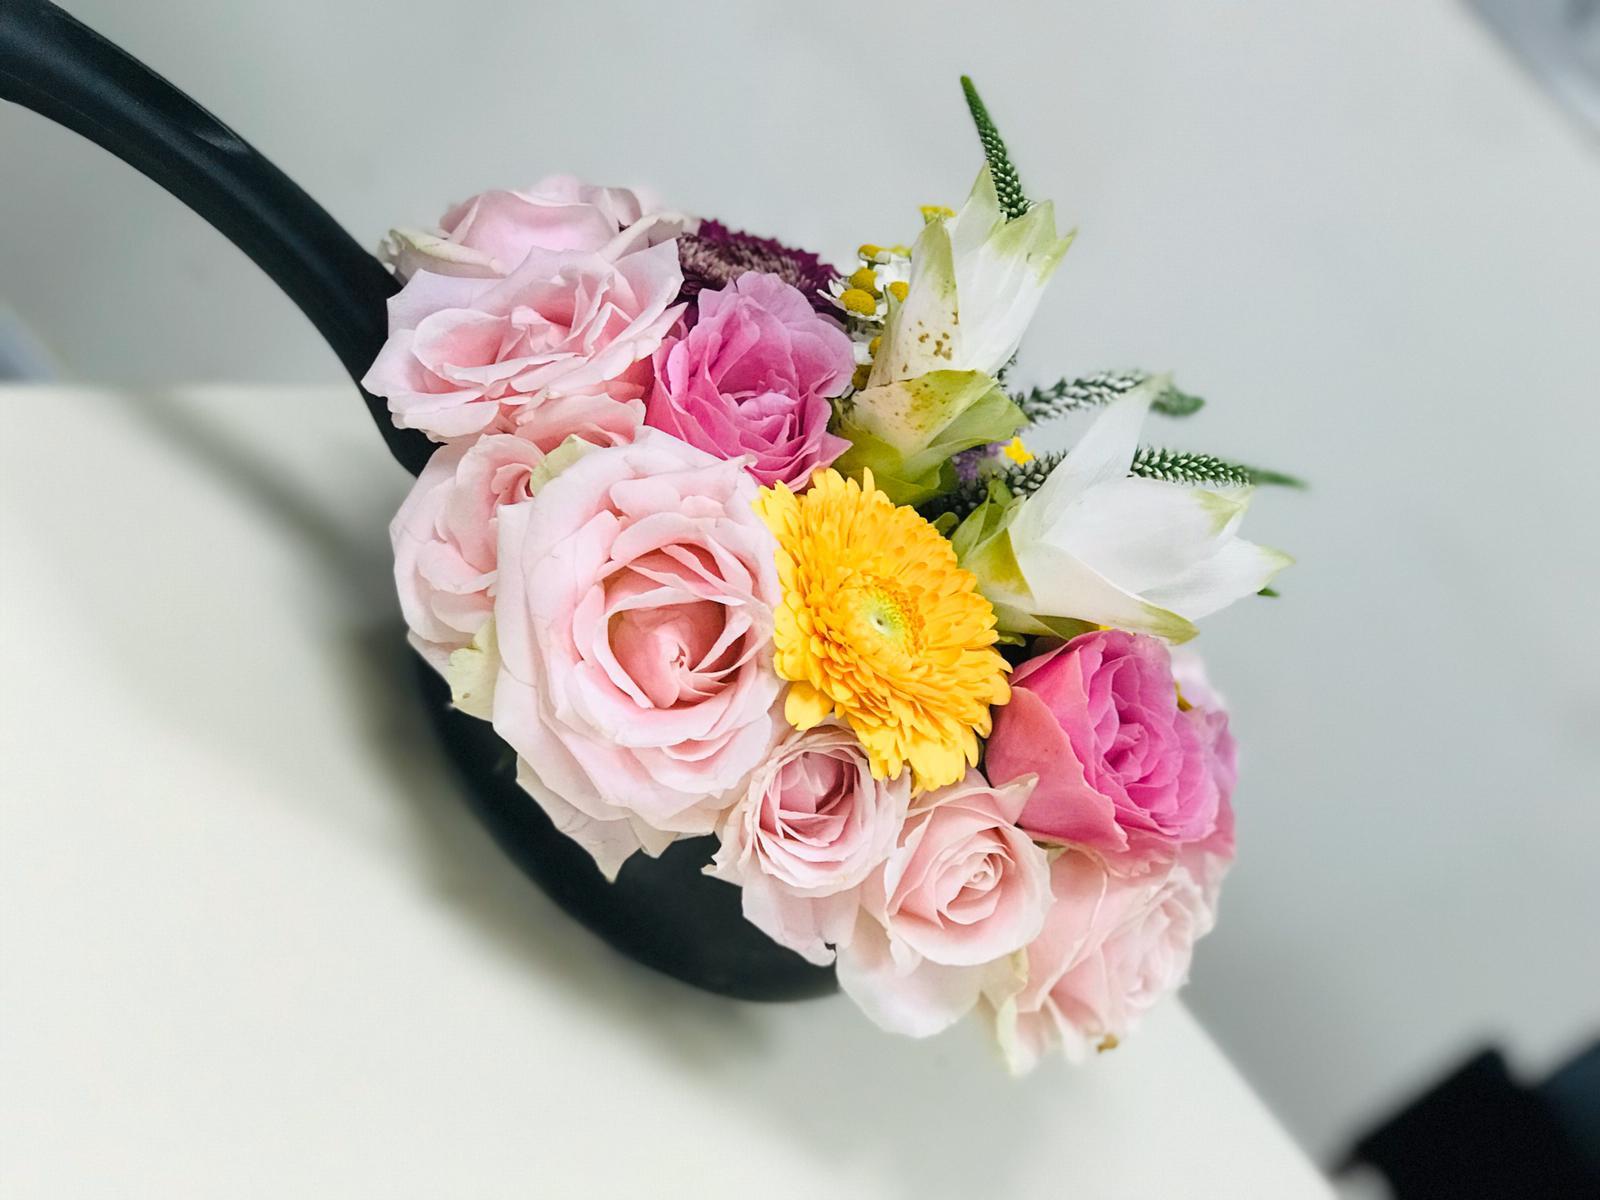 גלרייה - שיעור שזירת פרחים - קורס הפקת אירועים מחזור 24, 32 מתוך 35